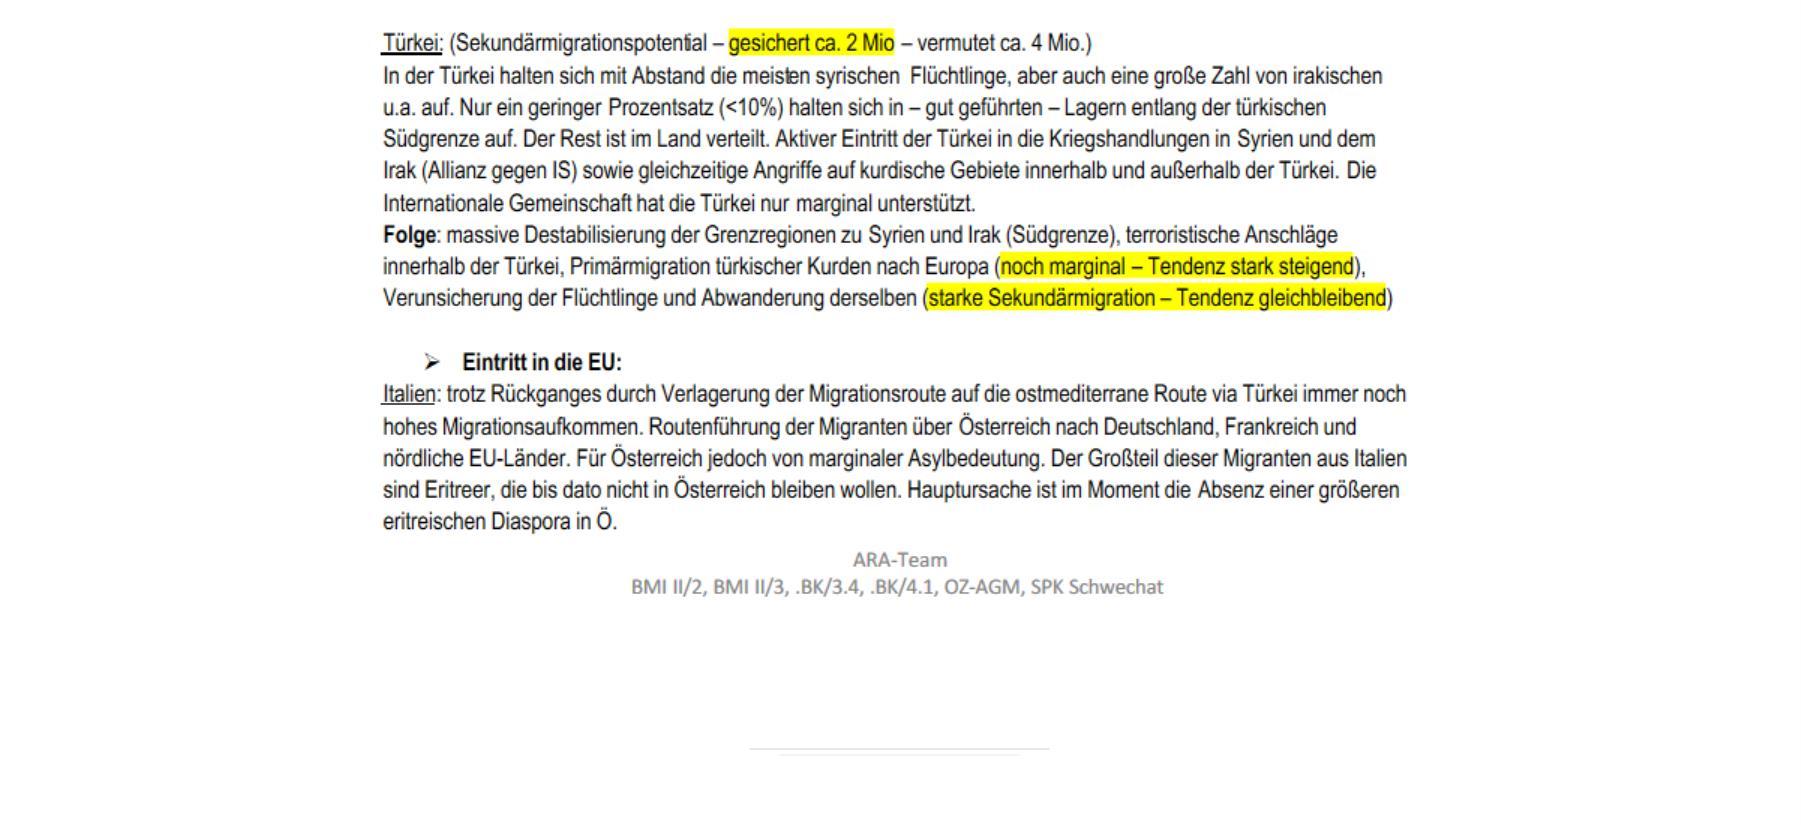 sonderbericht-der-dezeitigen-migrationslage-2.jpg